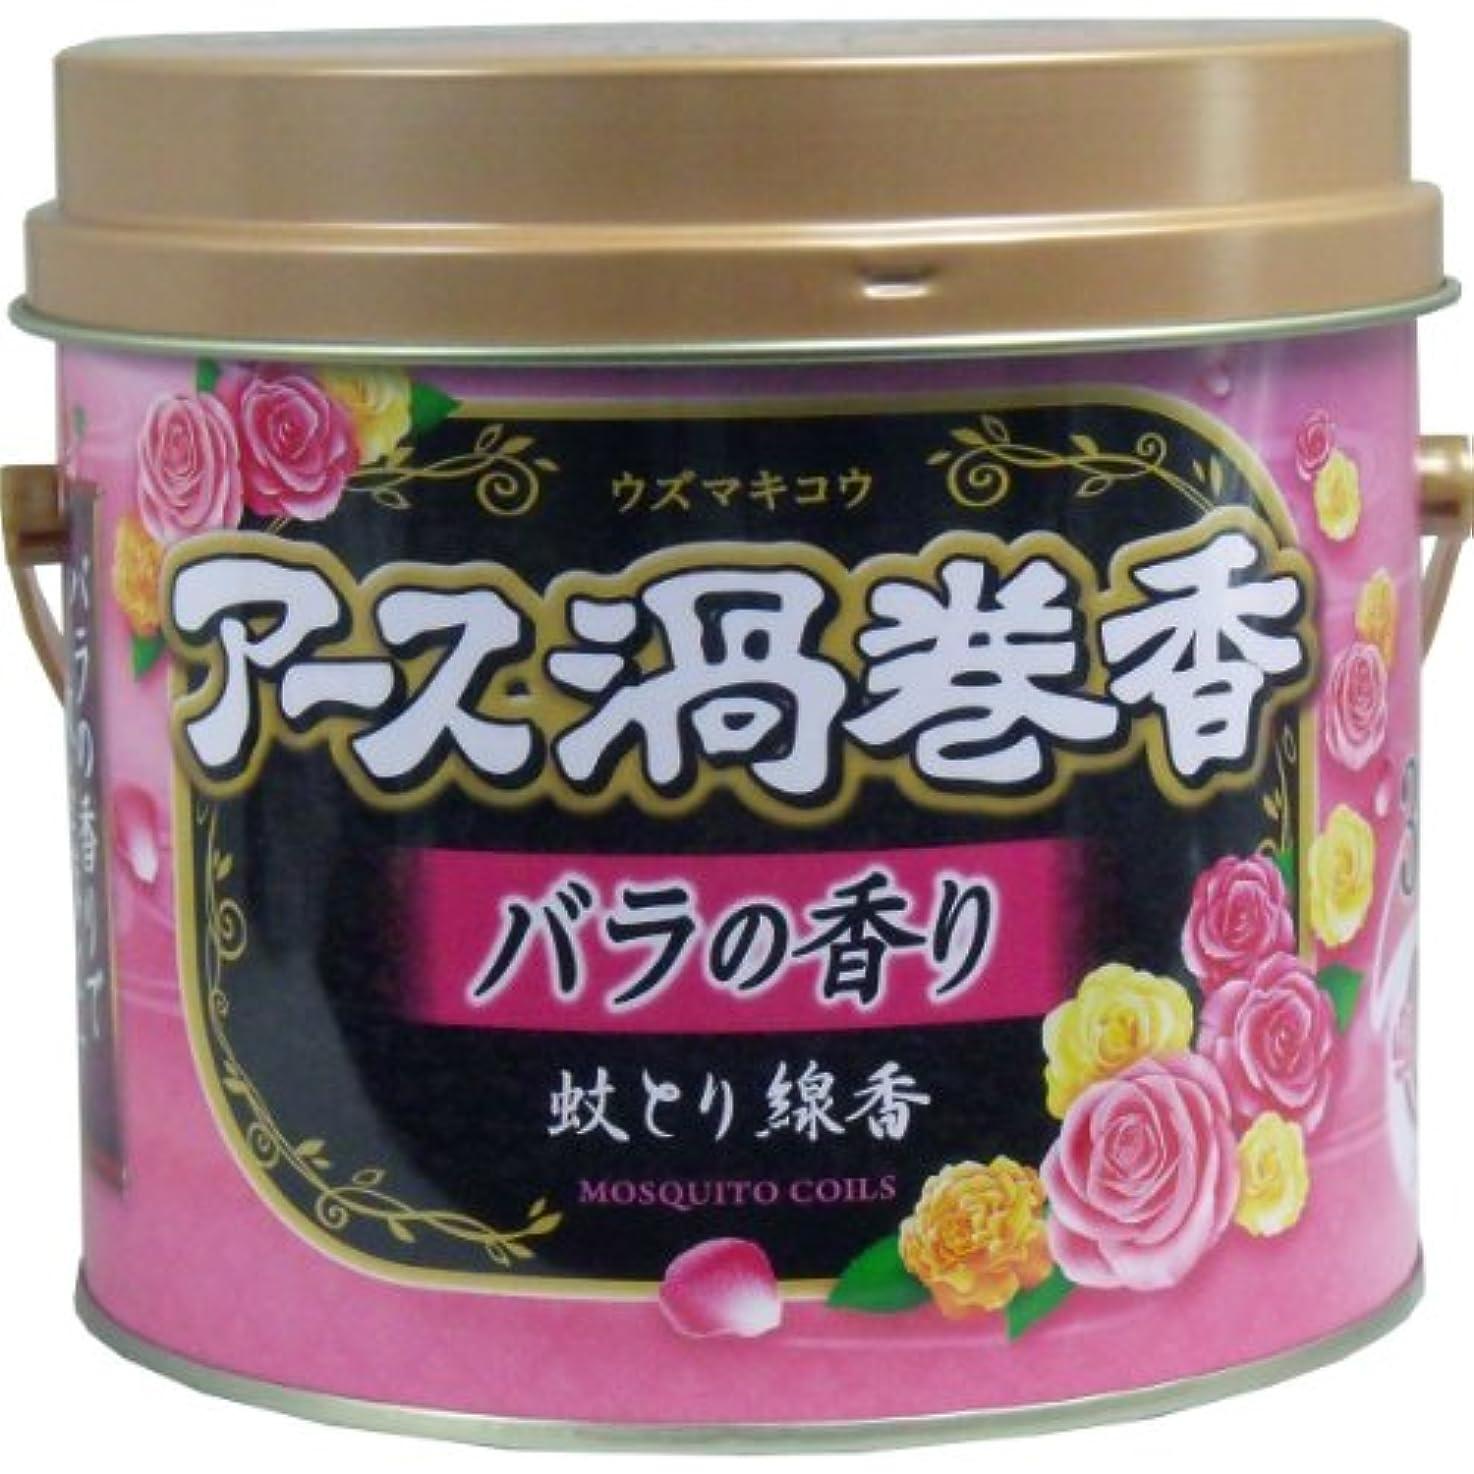 回復する咳トマトアース渦巻香 蚊とり線香 バラの香り 30巻5個セット